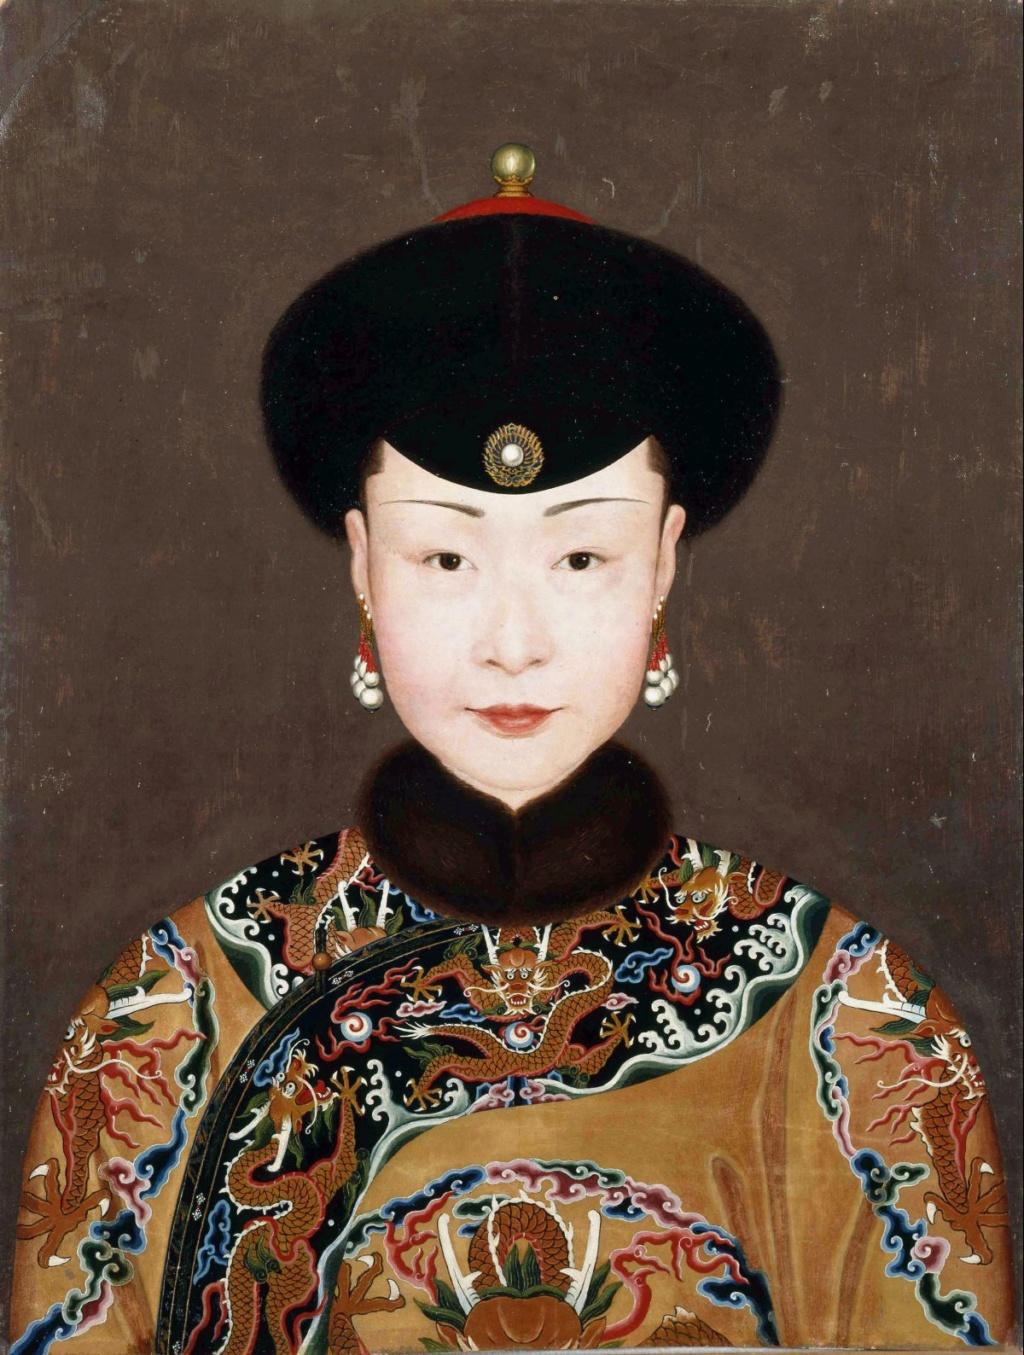 Impératrices, épouses et concubines de l'empereur de Chine (dynastie Qing) dans la Cité Interdite Attire10